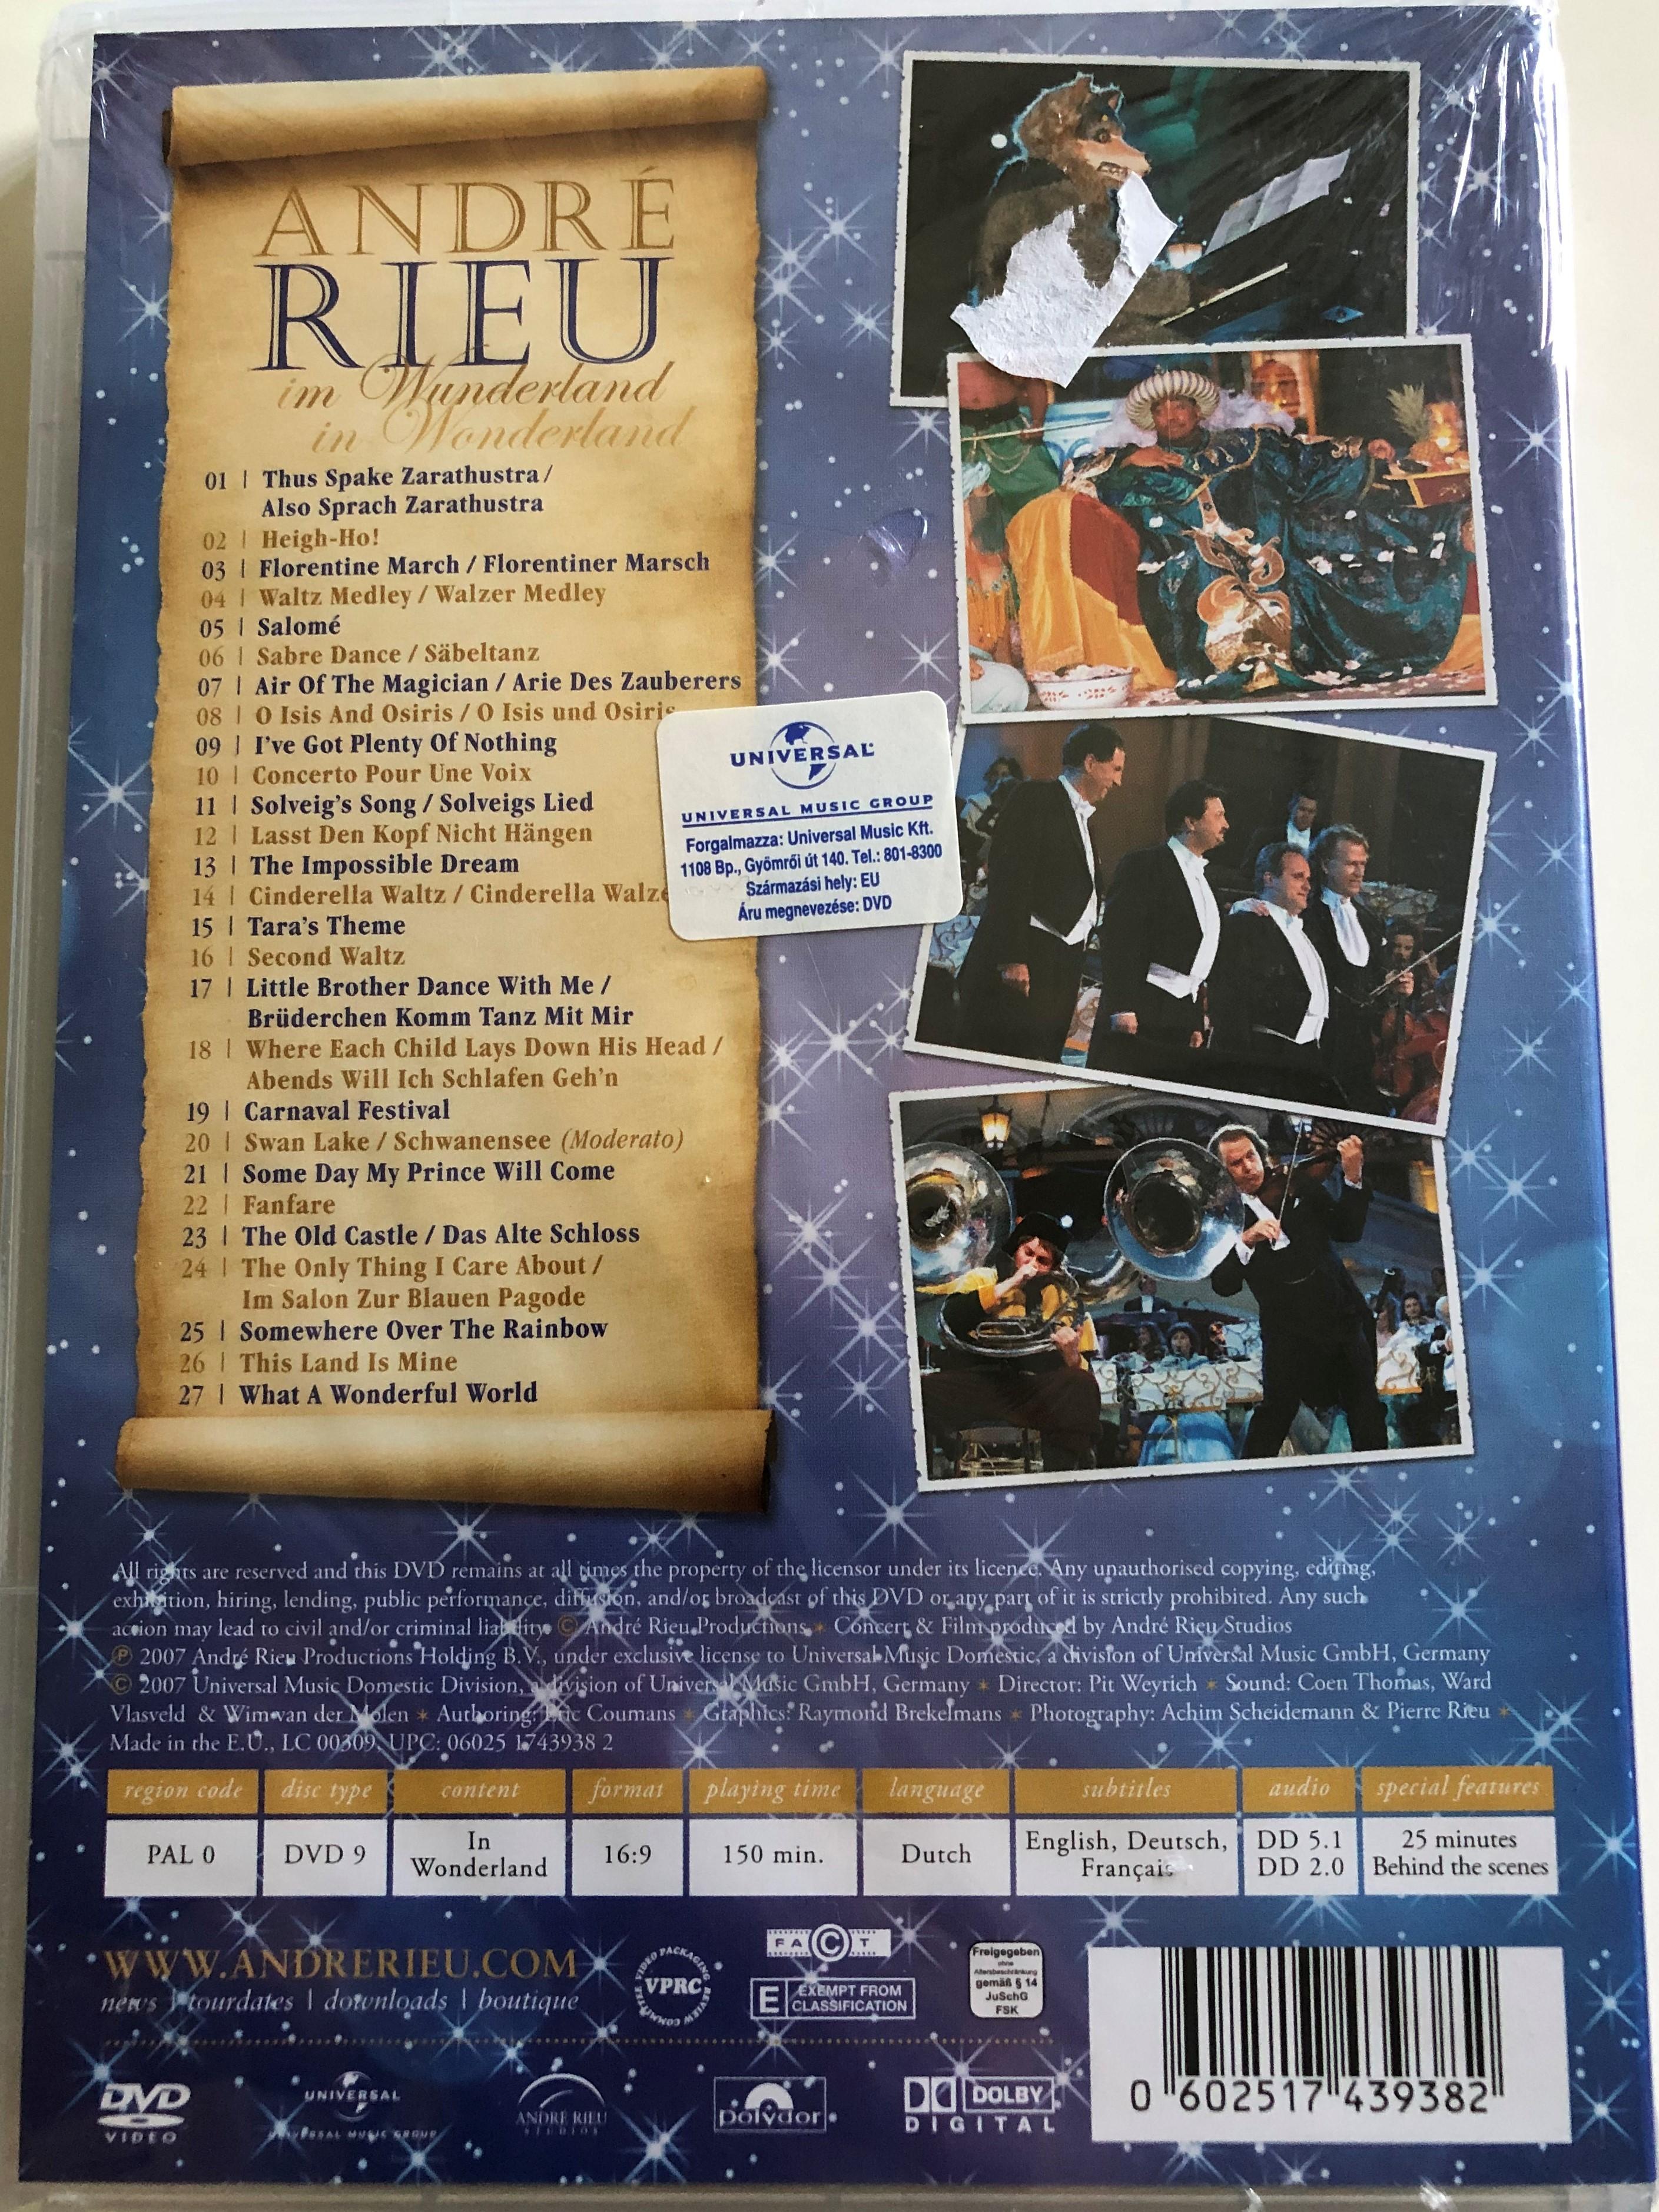 andr-rieu-in-wonderland-dvd-2007-universal-original-dvd-video-concert-2-.jpg